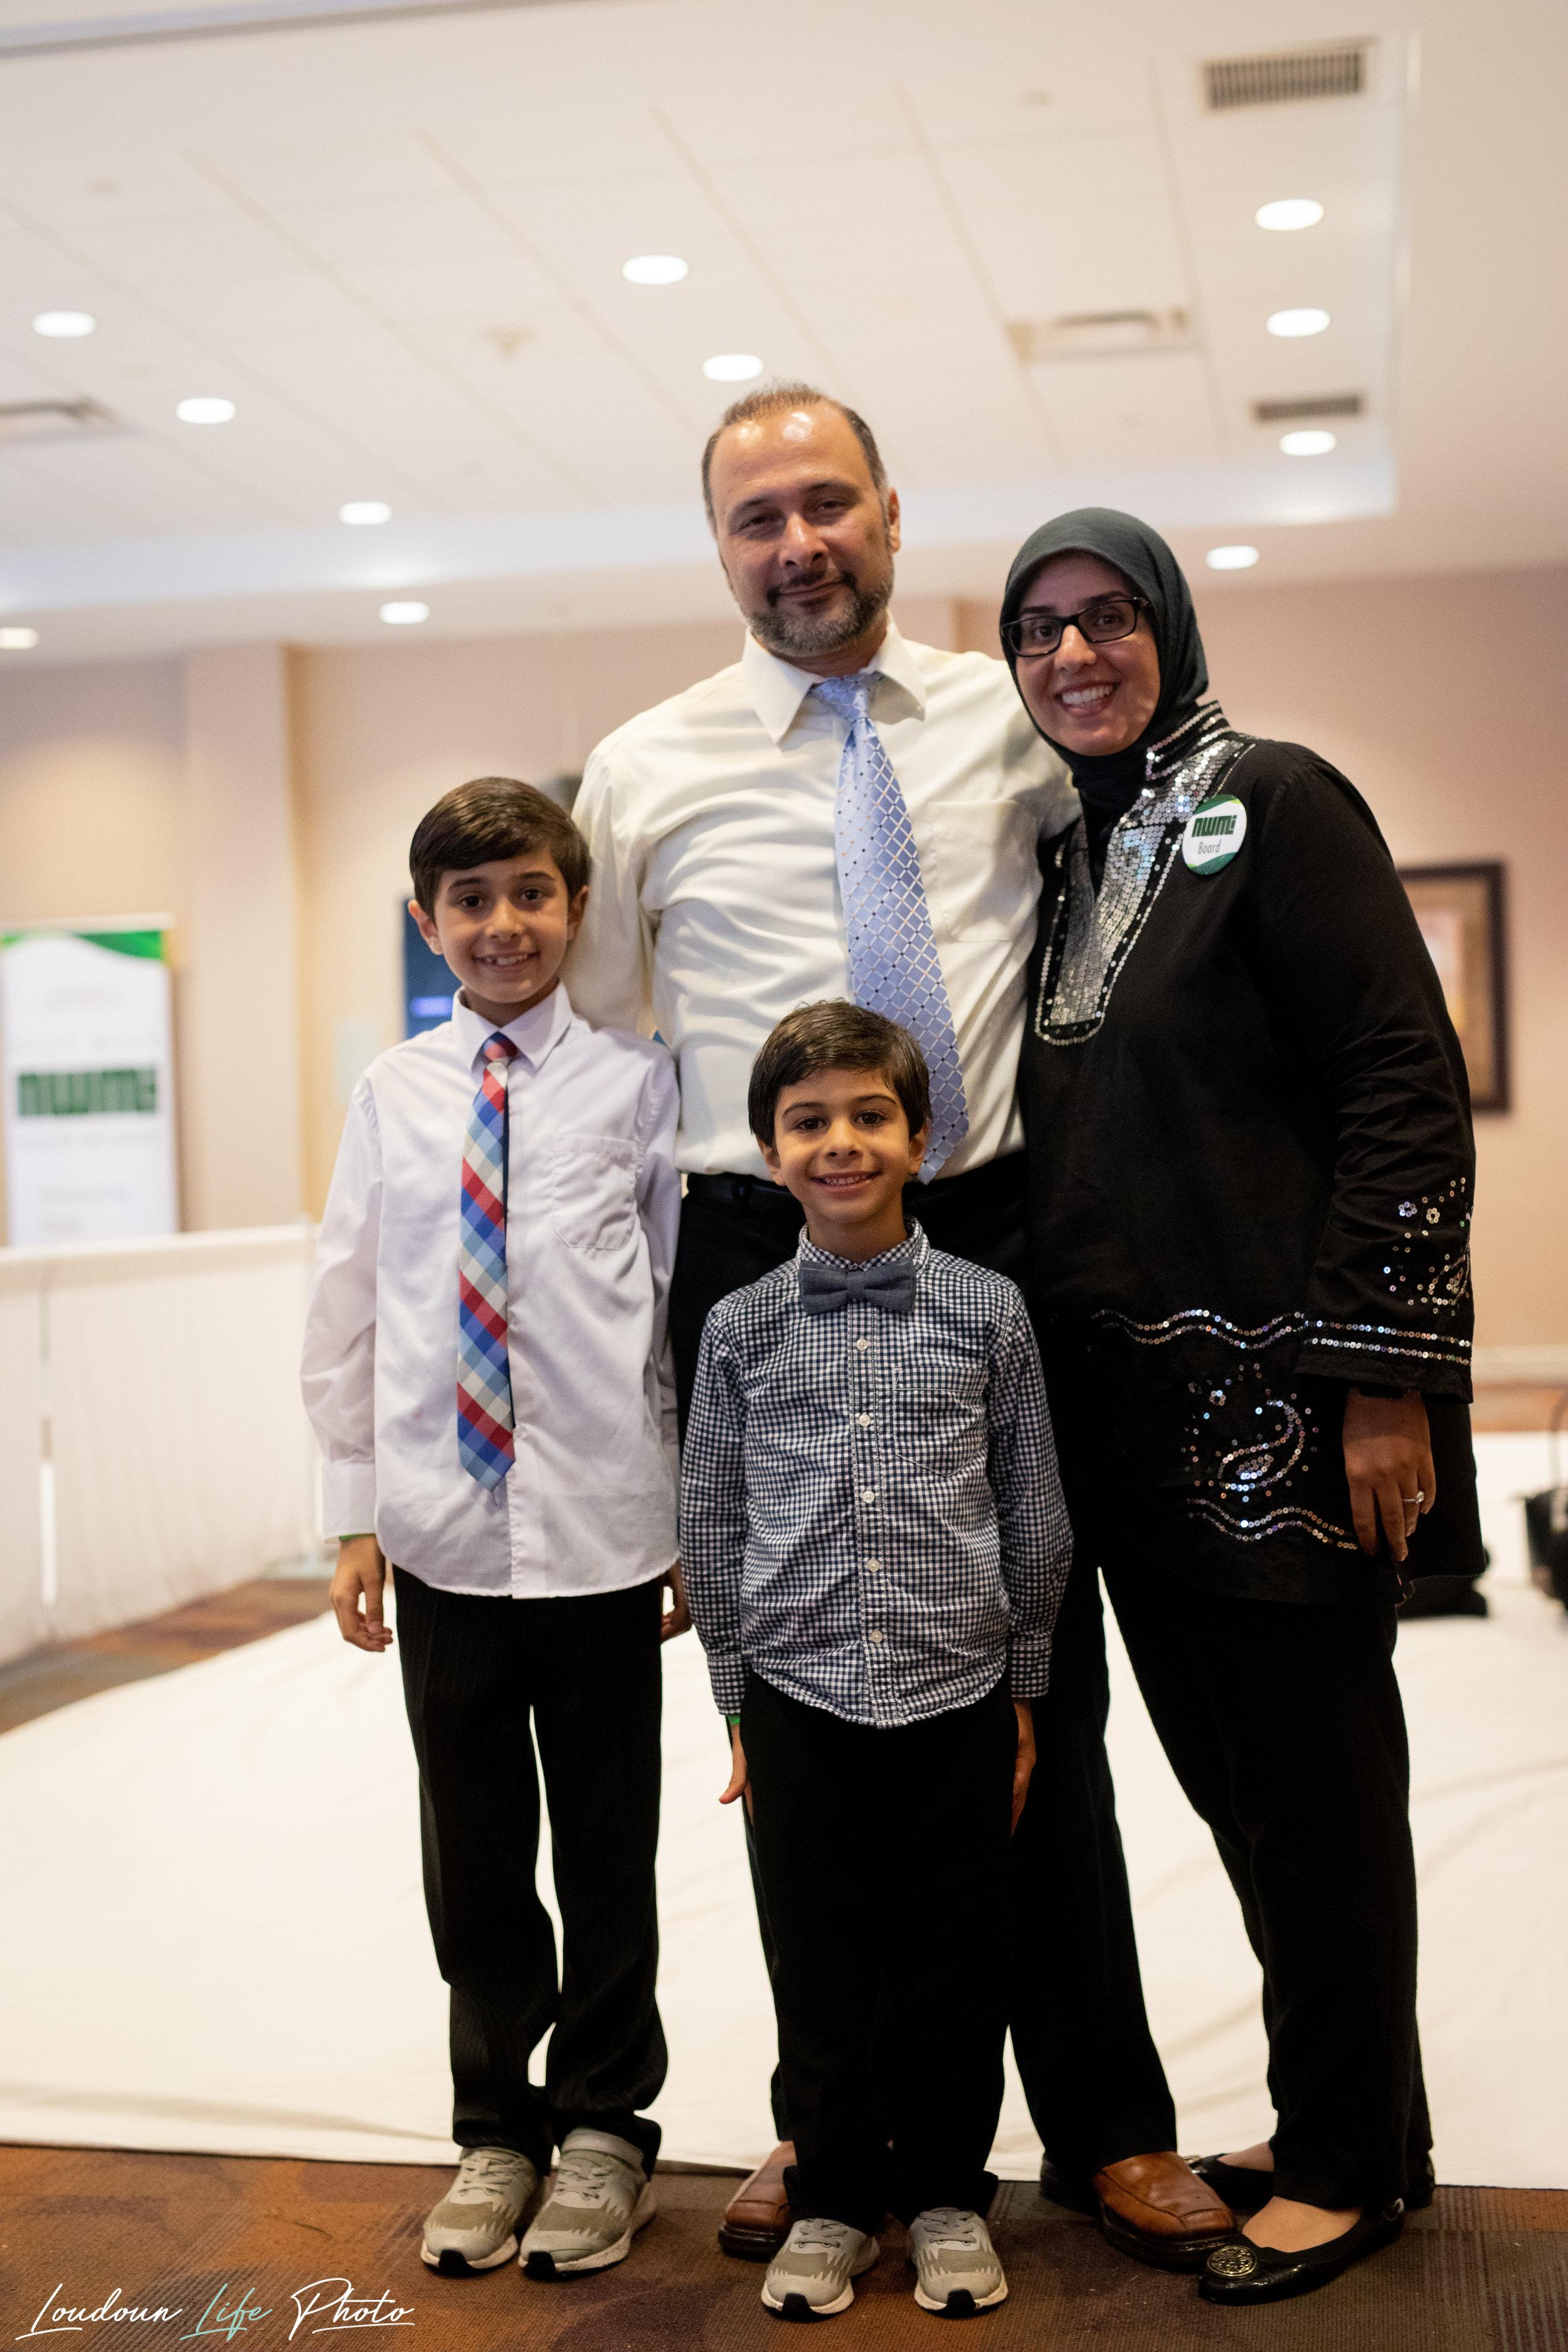 NWMI Eid al Adha - Loudoun Life Photo - 72.jpg